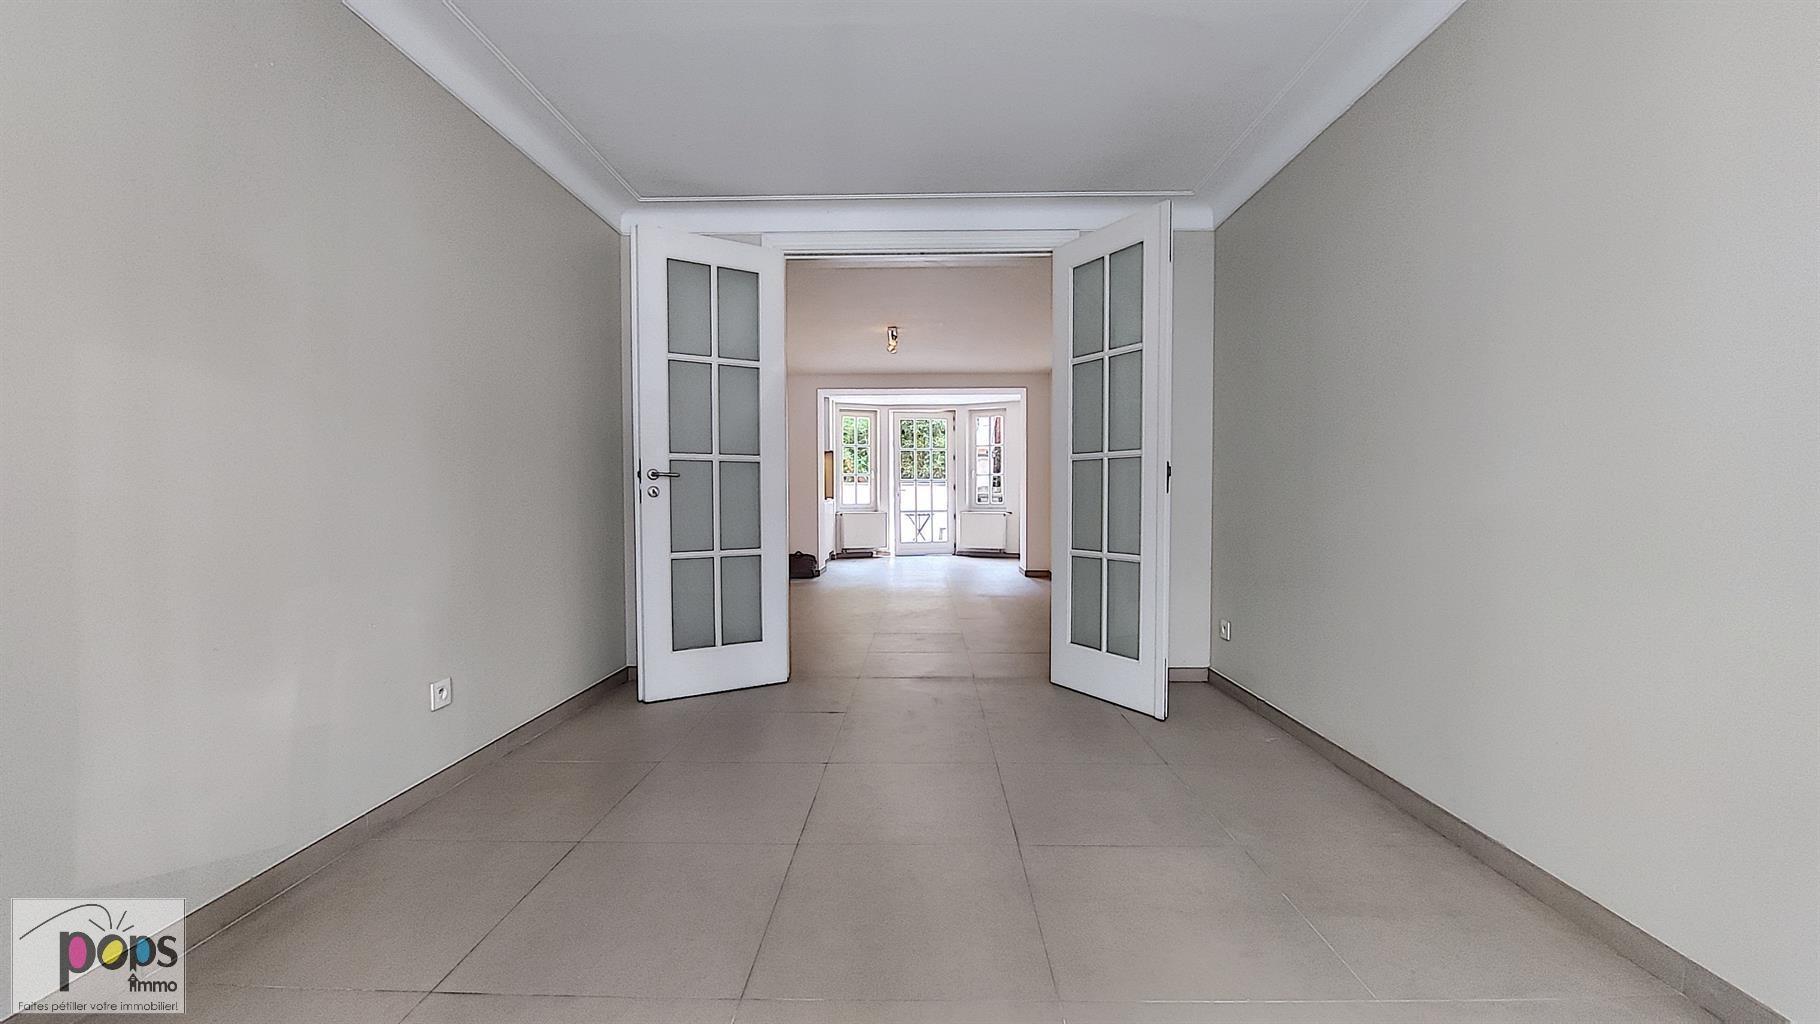 Appartement - Ixelles - #4388996-11